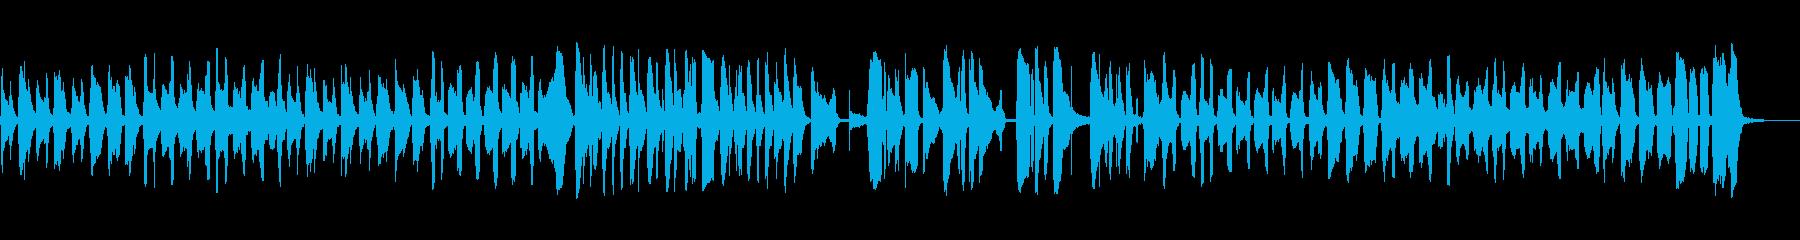 ラウンドとラウンド:元気、遊び心、...の再生済みの波形